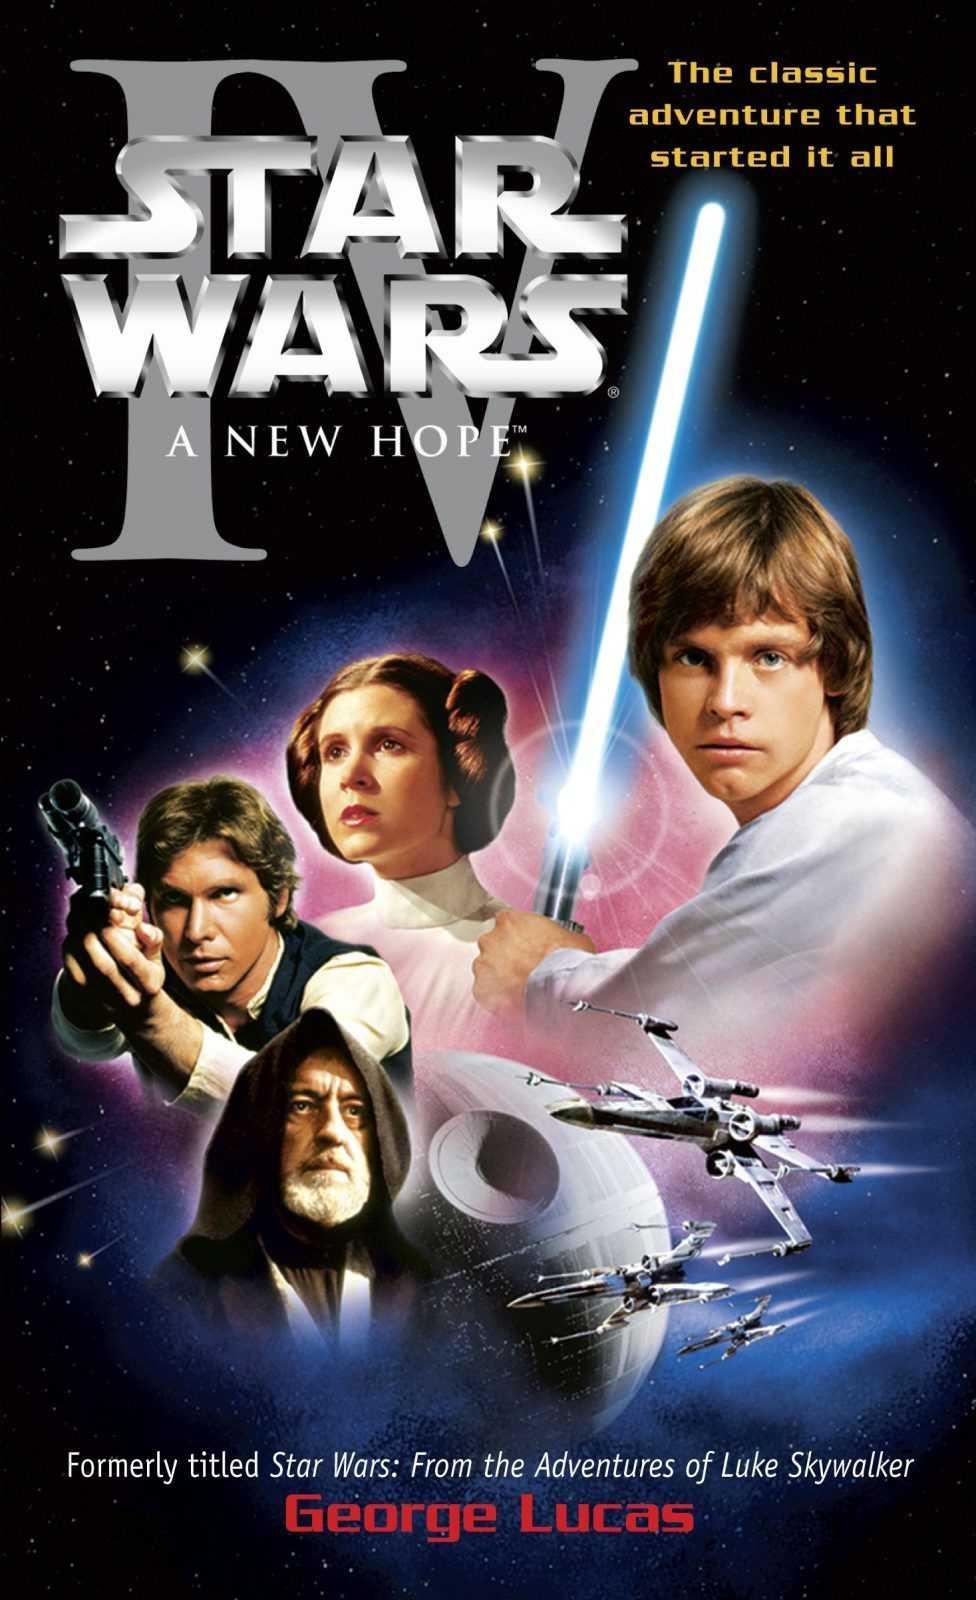 جنگ ستارگان و همه ی آنچه که باید راجب آن بدانیم